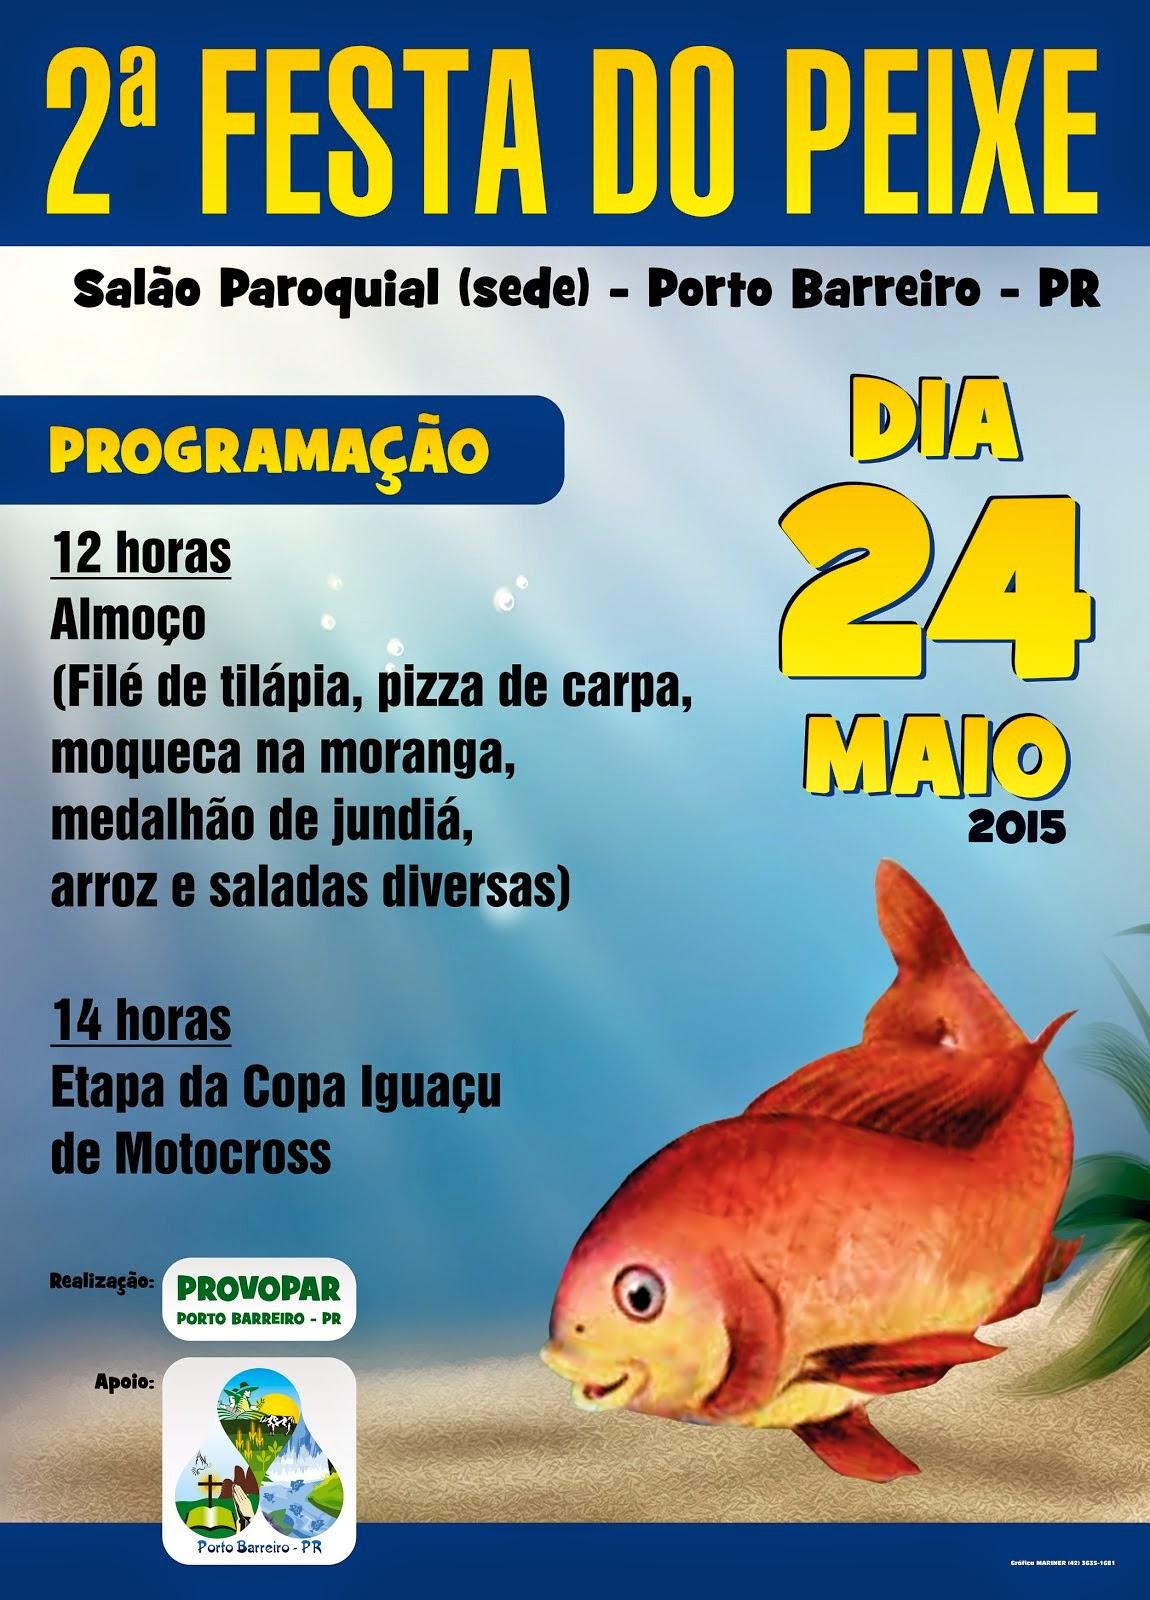 Porto Barreiro:Vem aí a 2ª Festa do Peixe, é domingo, dia 24 de maio!!!